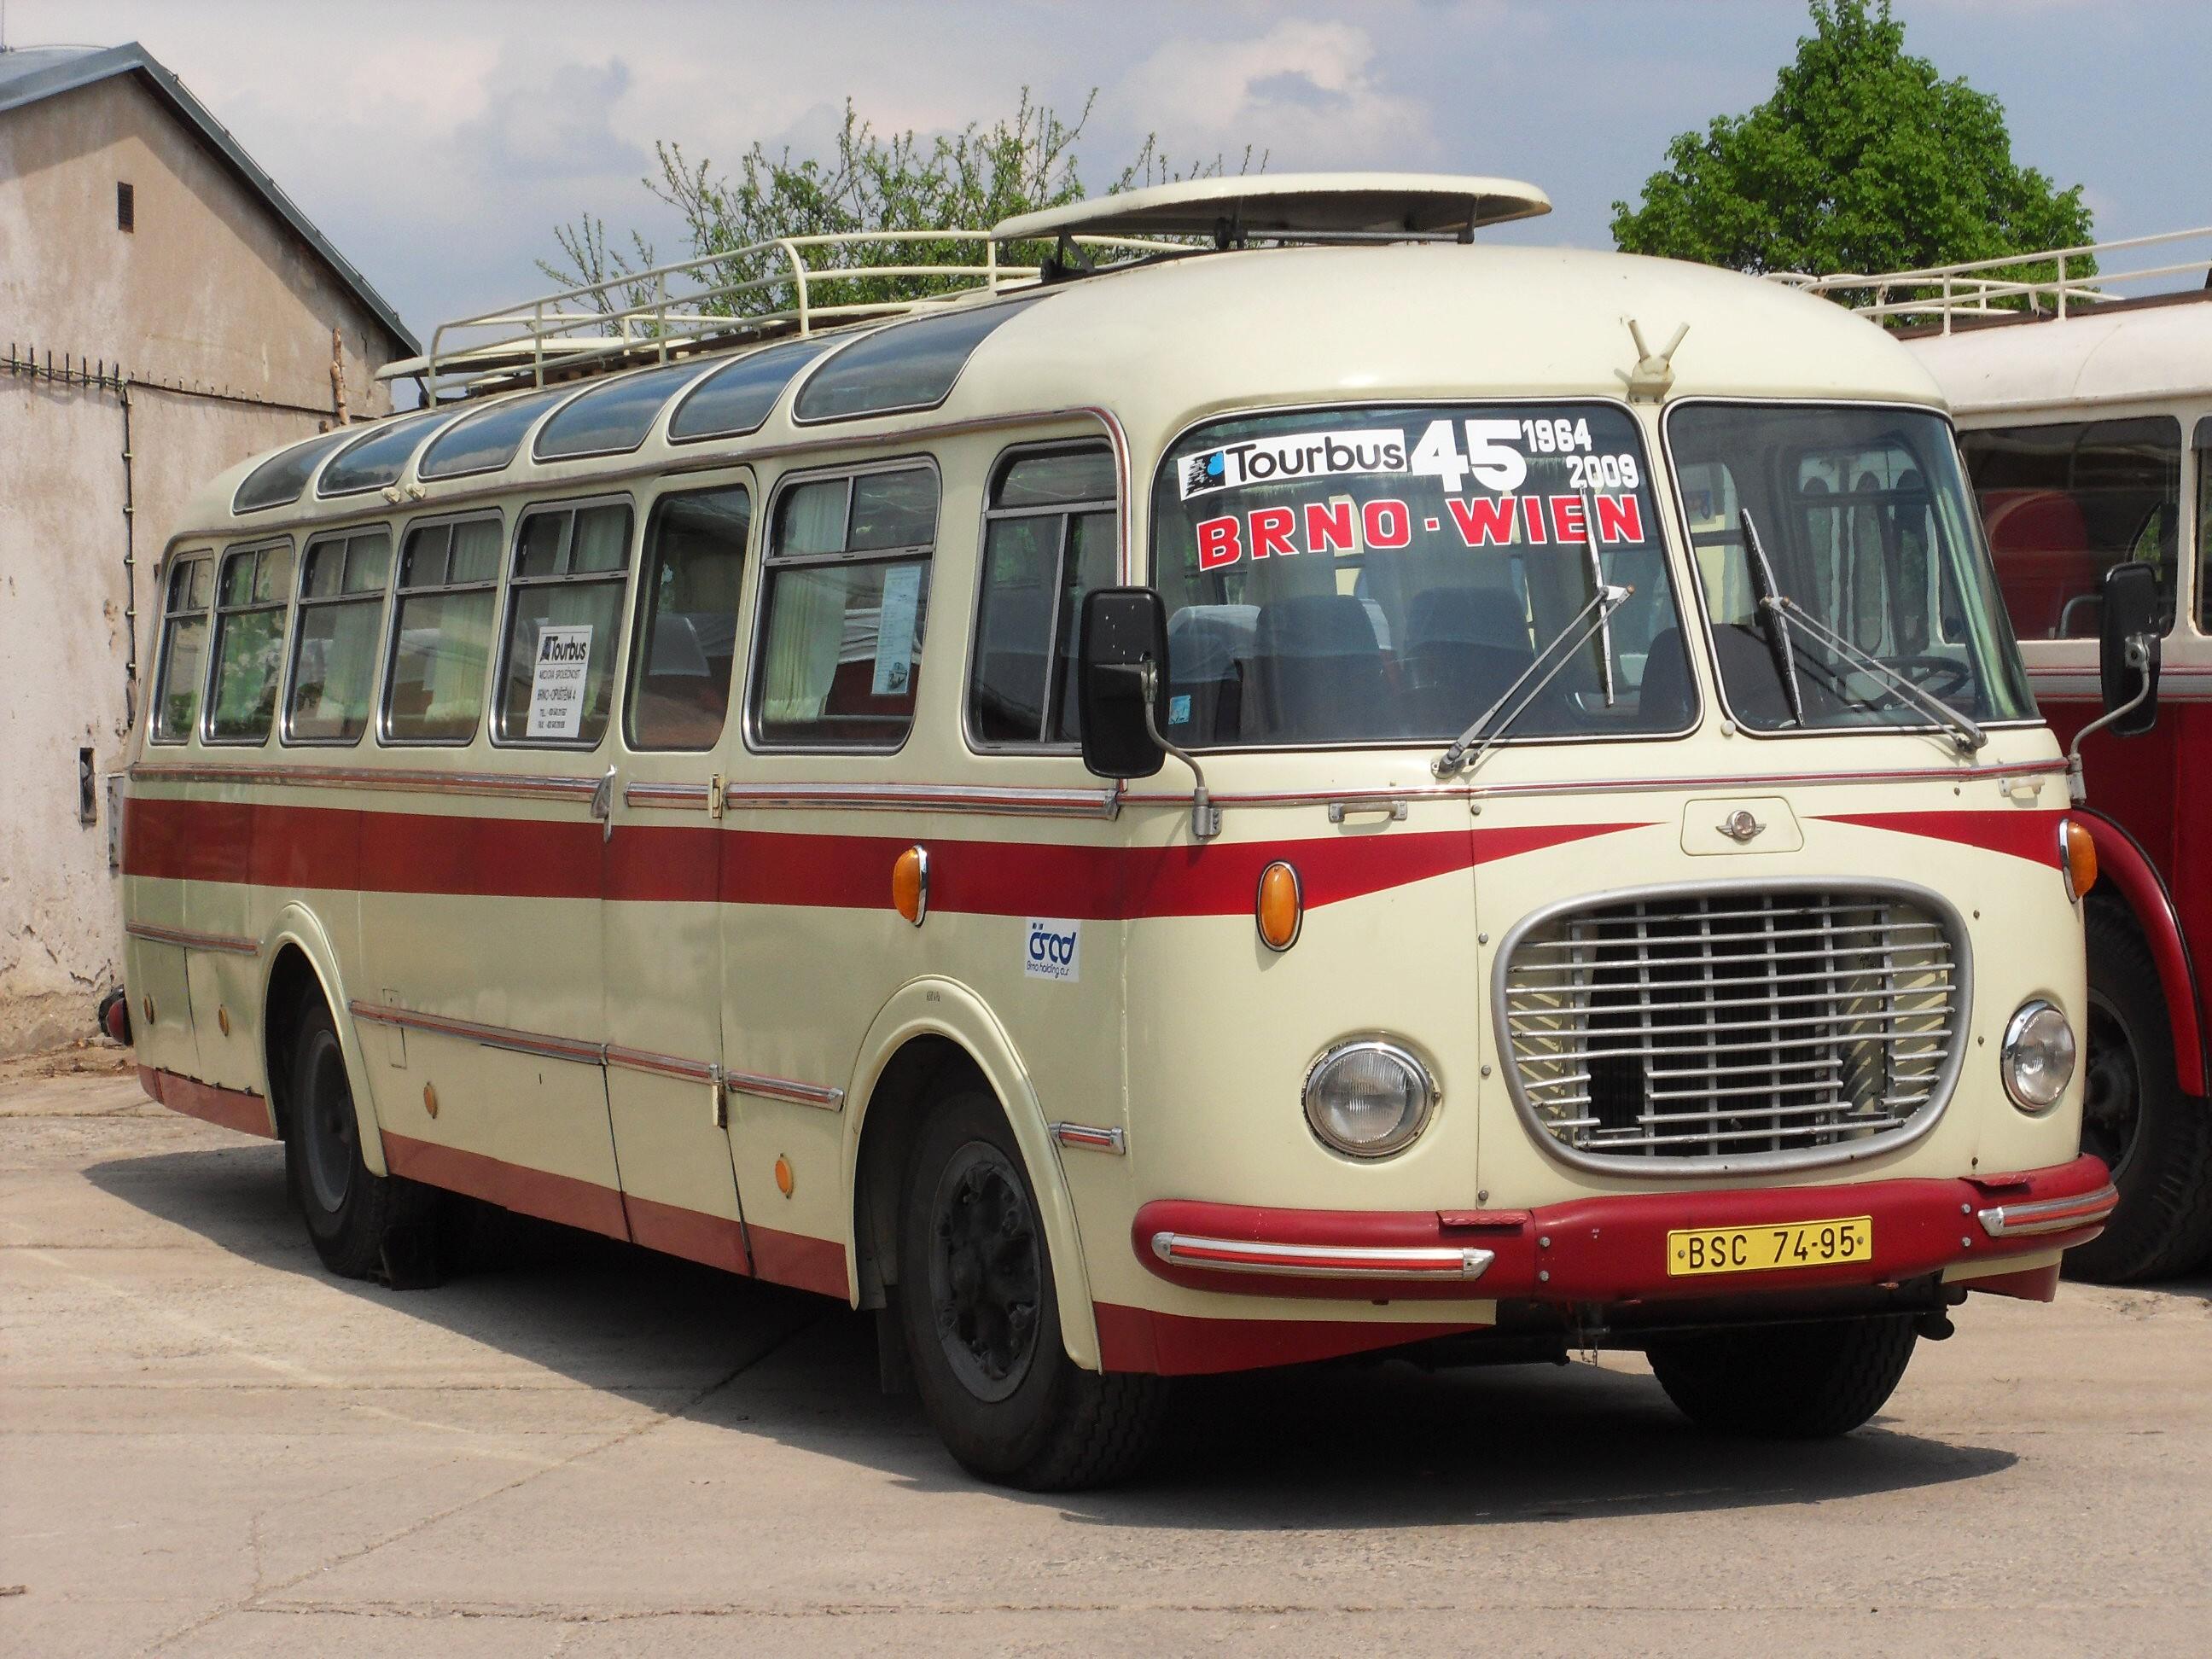 File:Brno, Řečkovice, depozitář TMB, Škoda 706 RTO LUX (Tourbus,